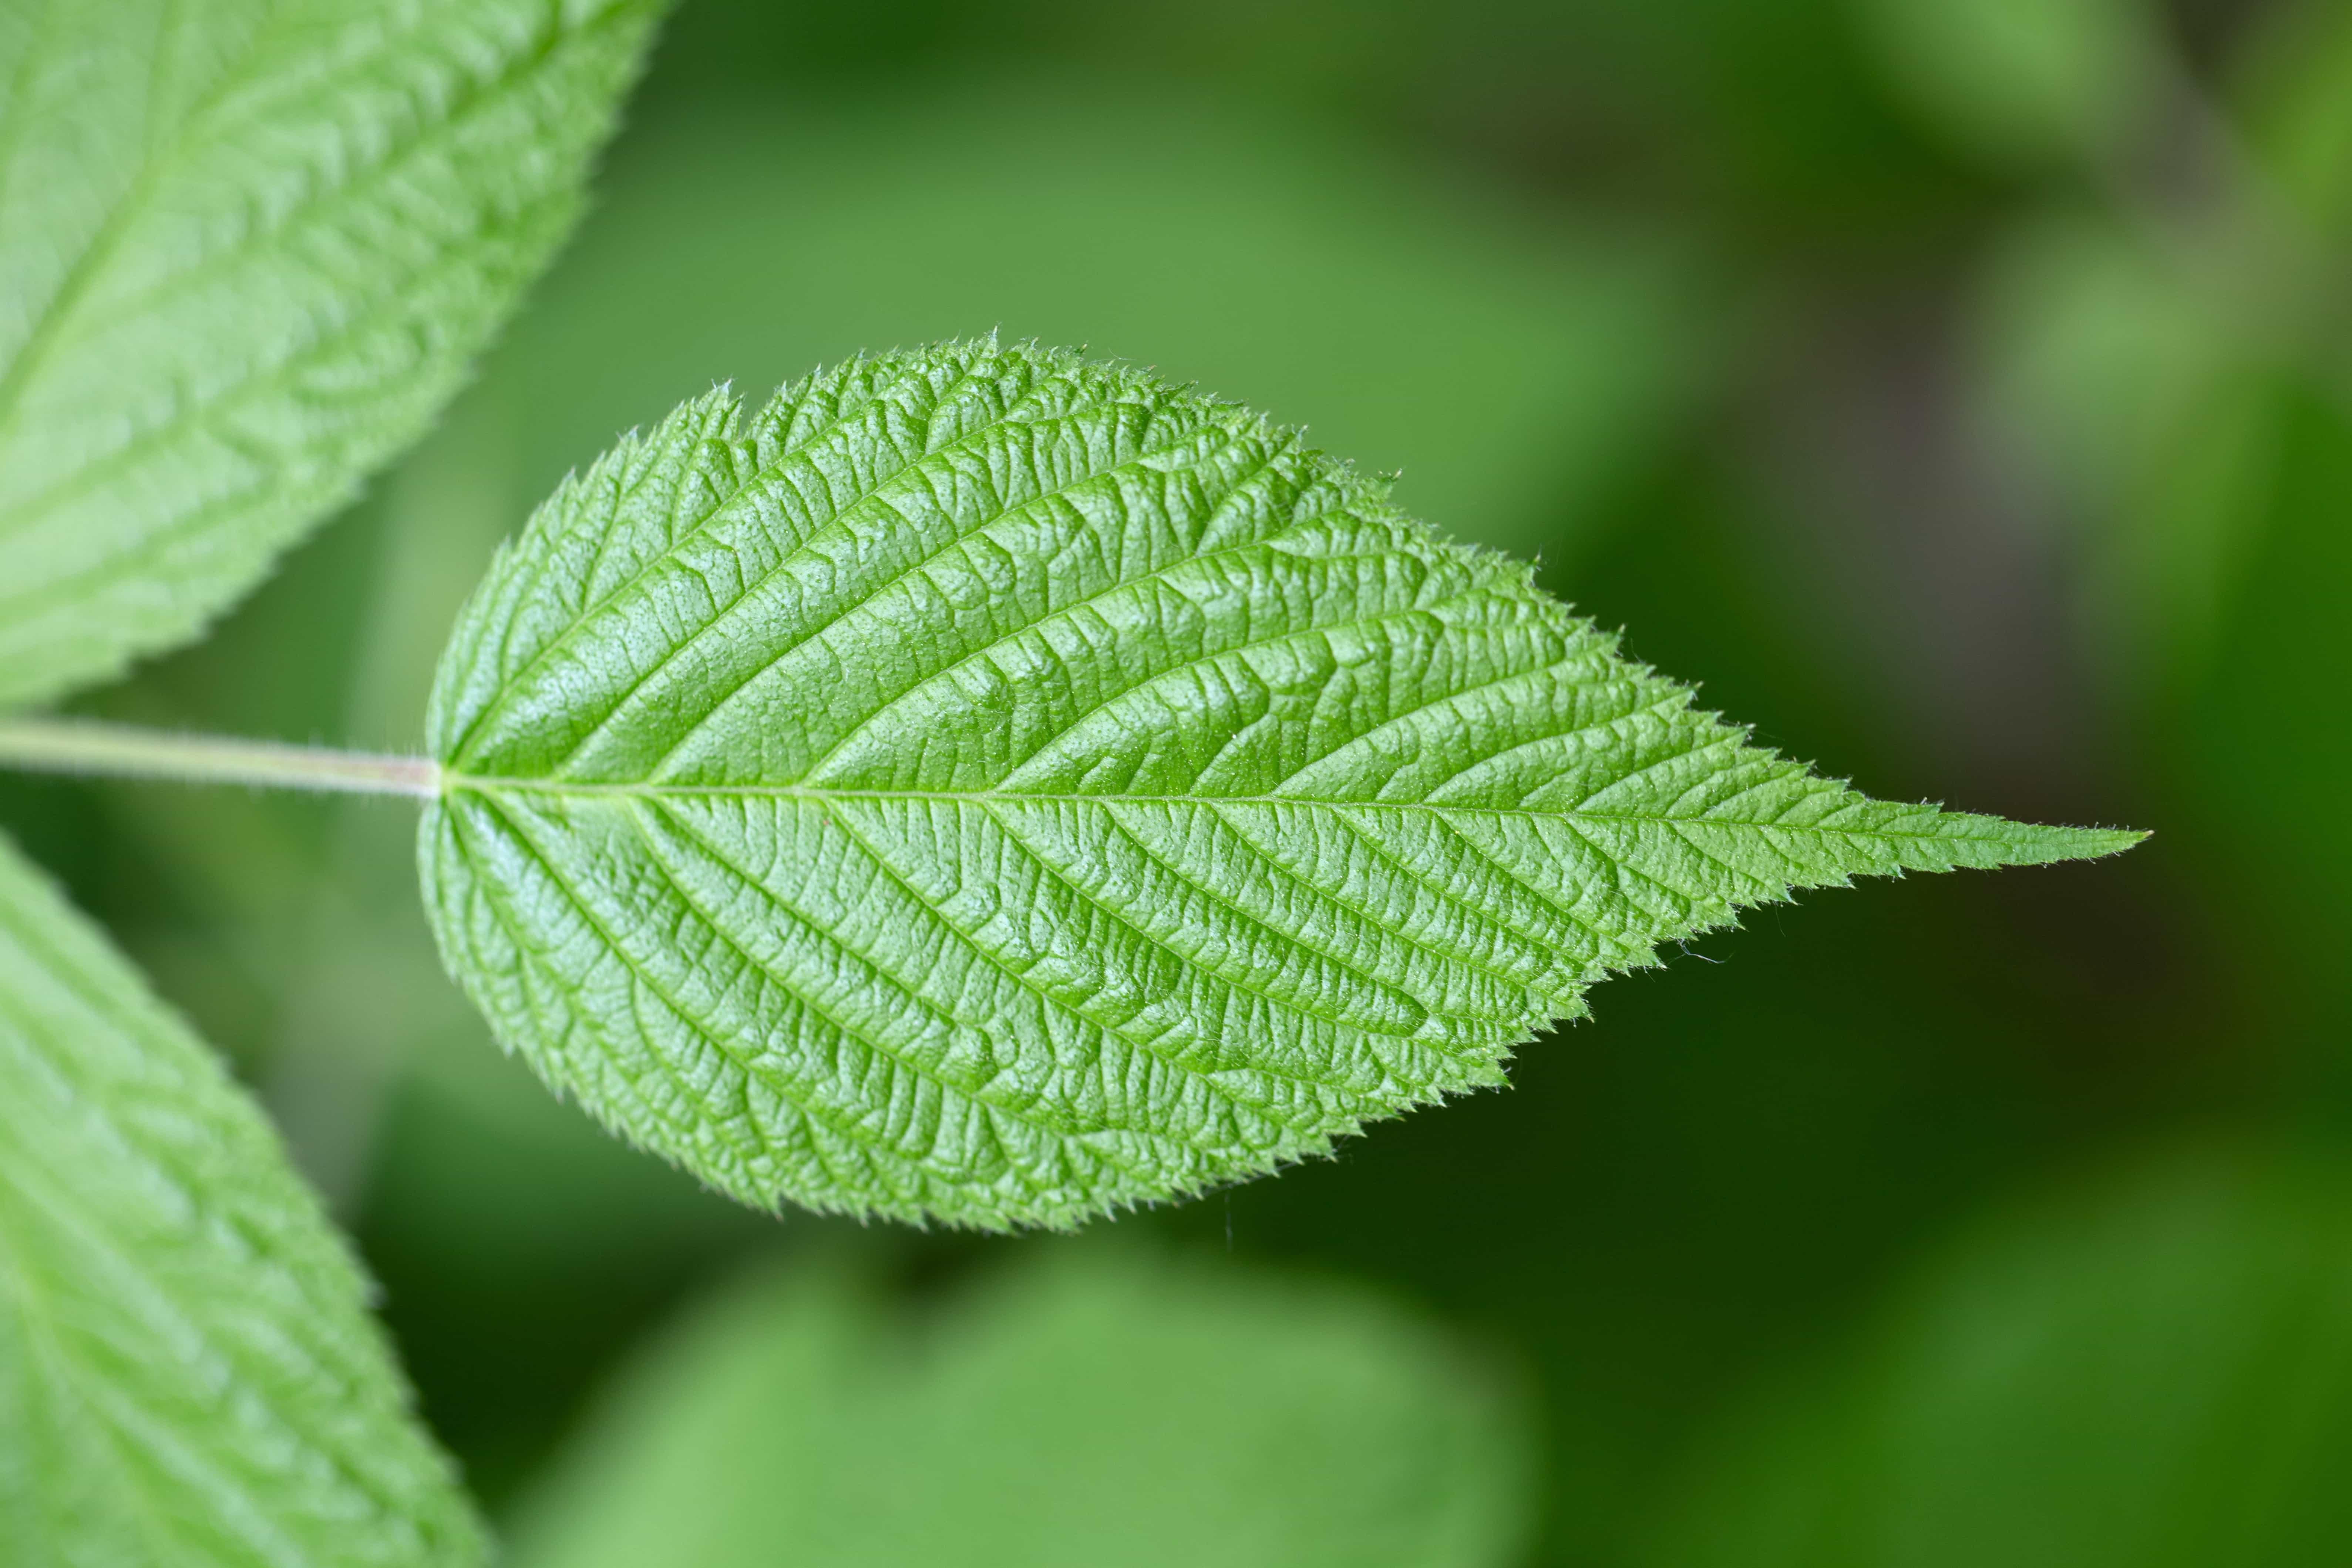 フリー写真画像: ぼやけて, 詳細, 詳細, 緑の葉, 水平方向, ミント ...